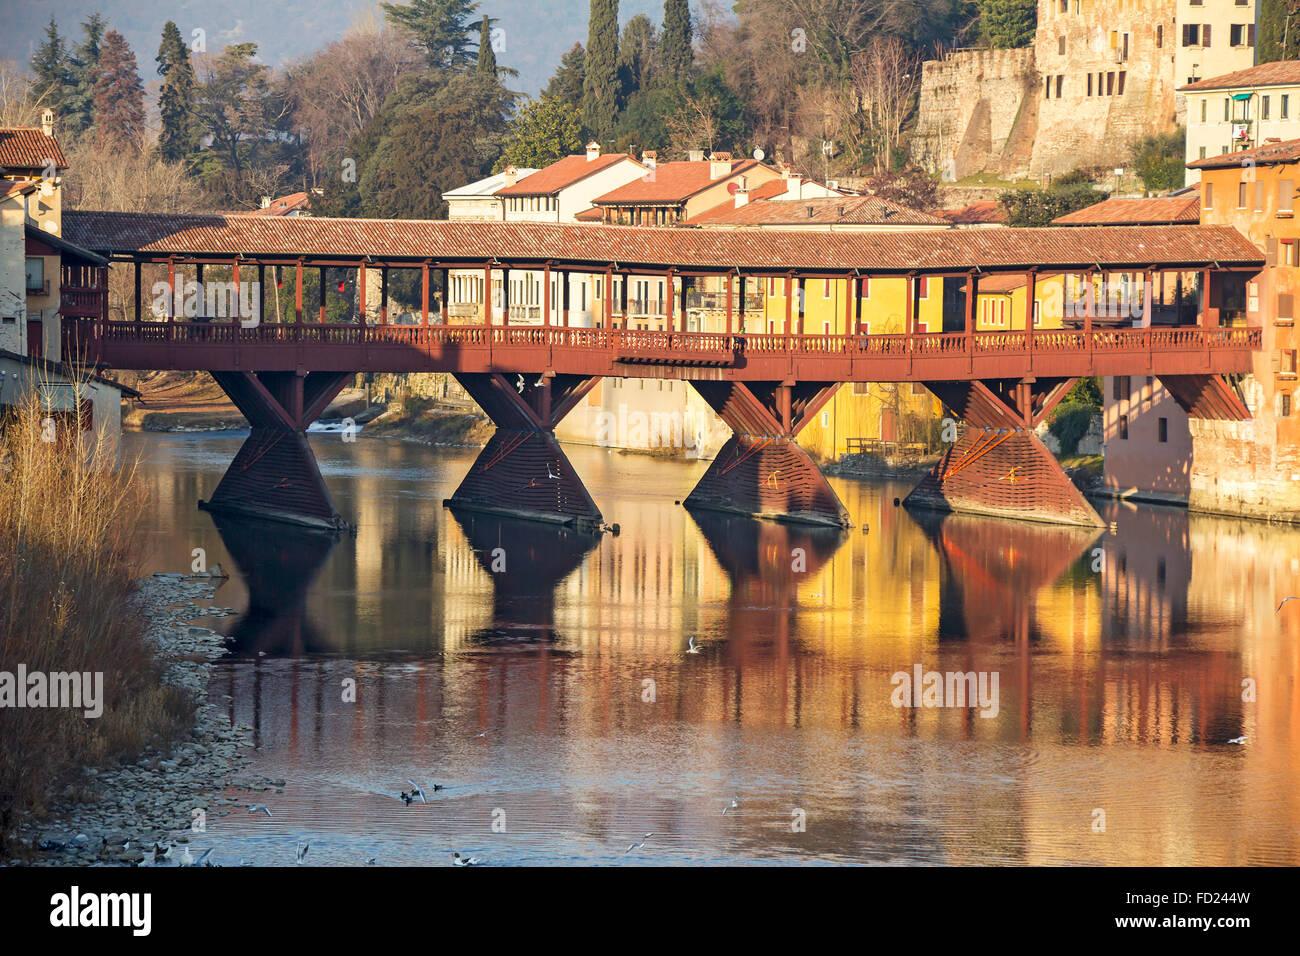 Ponte Del Legno.Famoso Vecchio Ponte Di Legno Ponte Vecchio Nel Villaggio